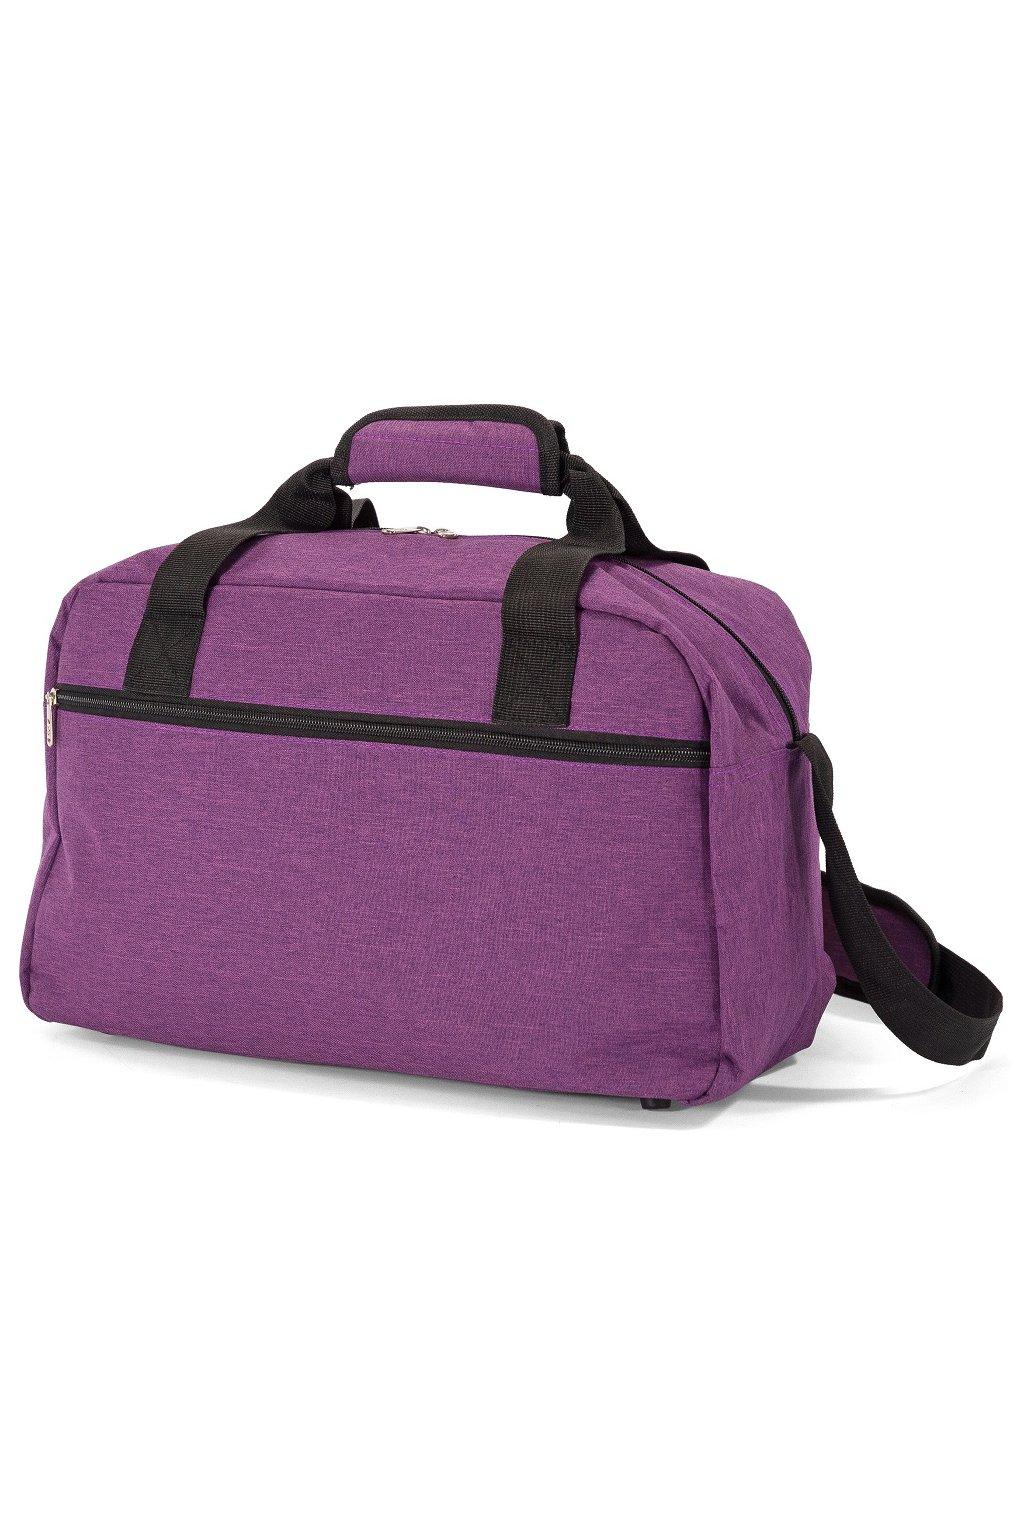 kufrland benzi 5528 purple